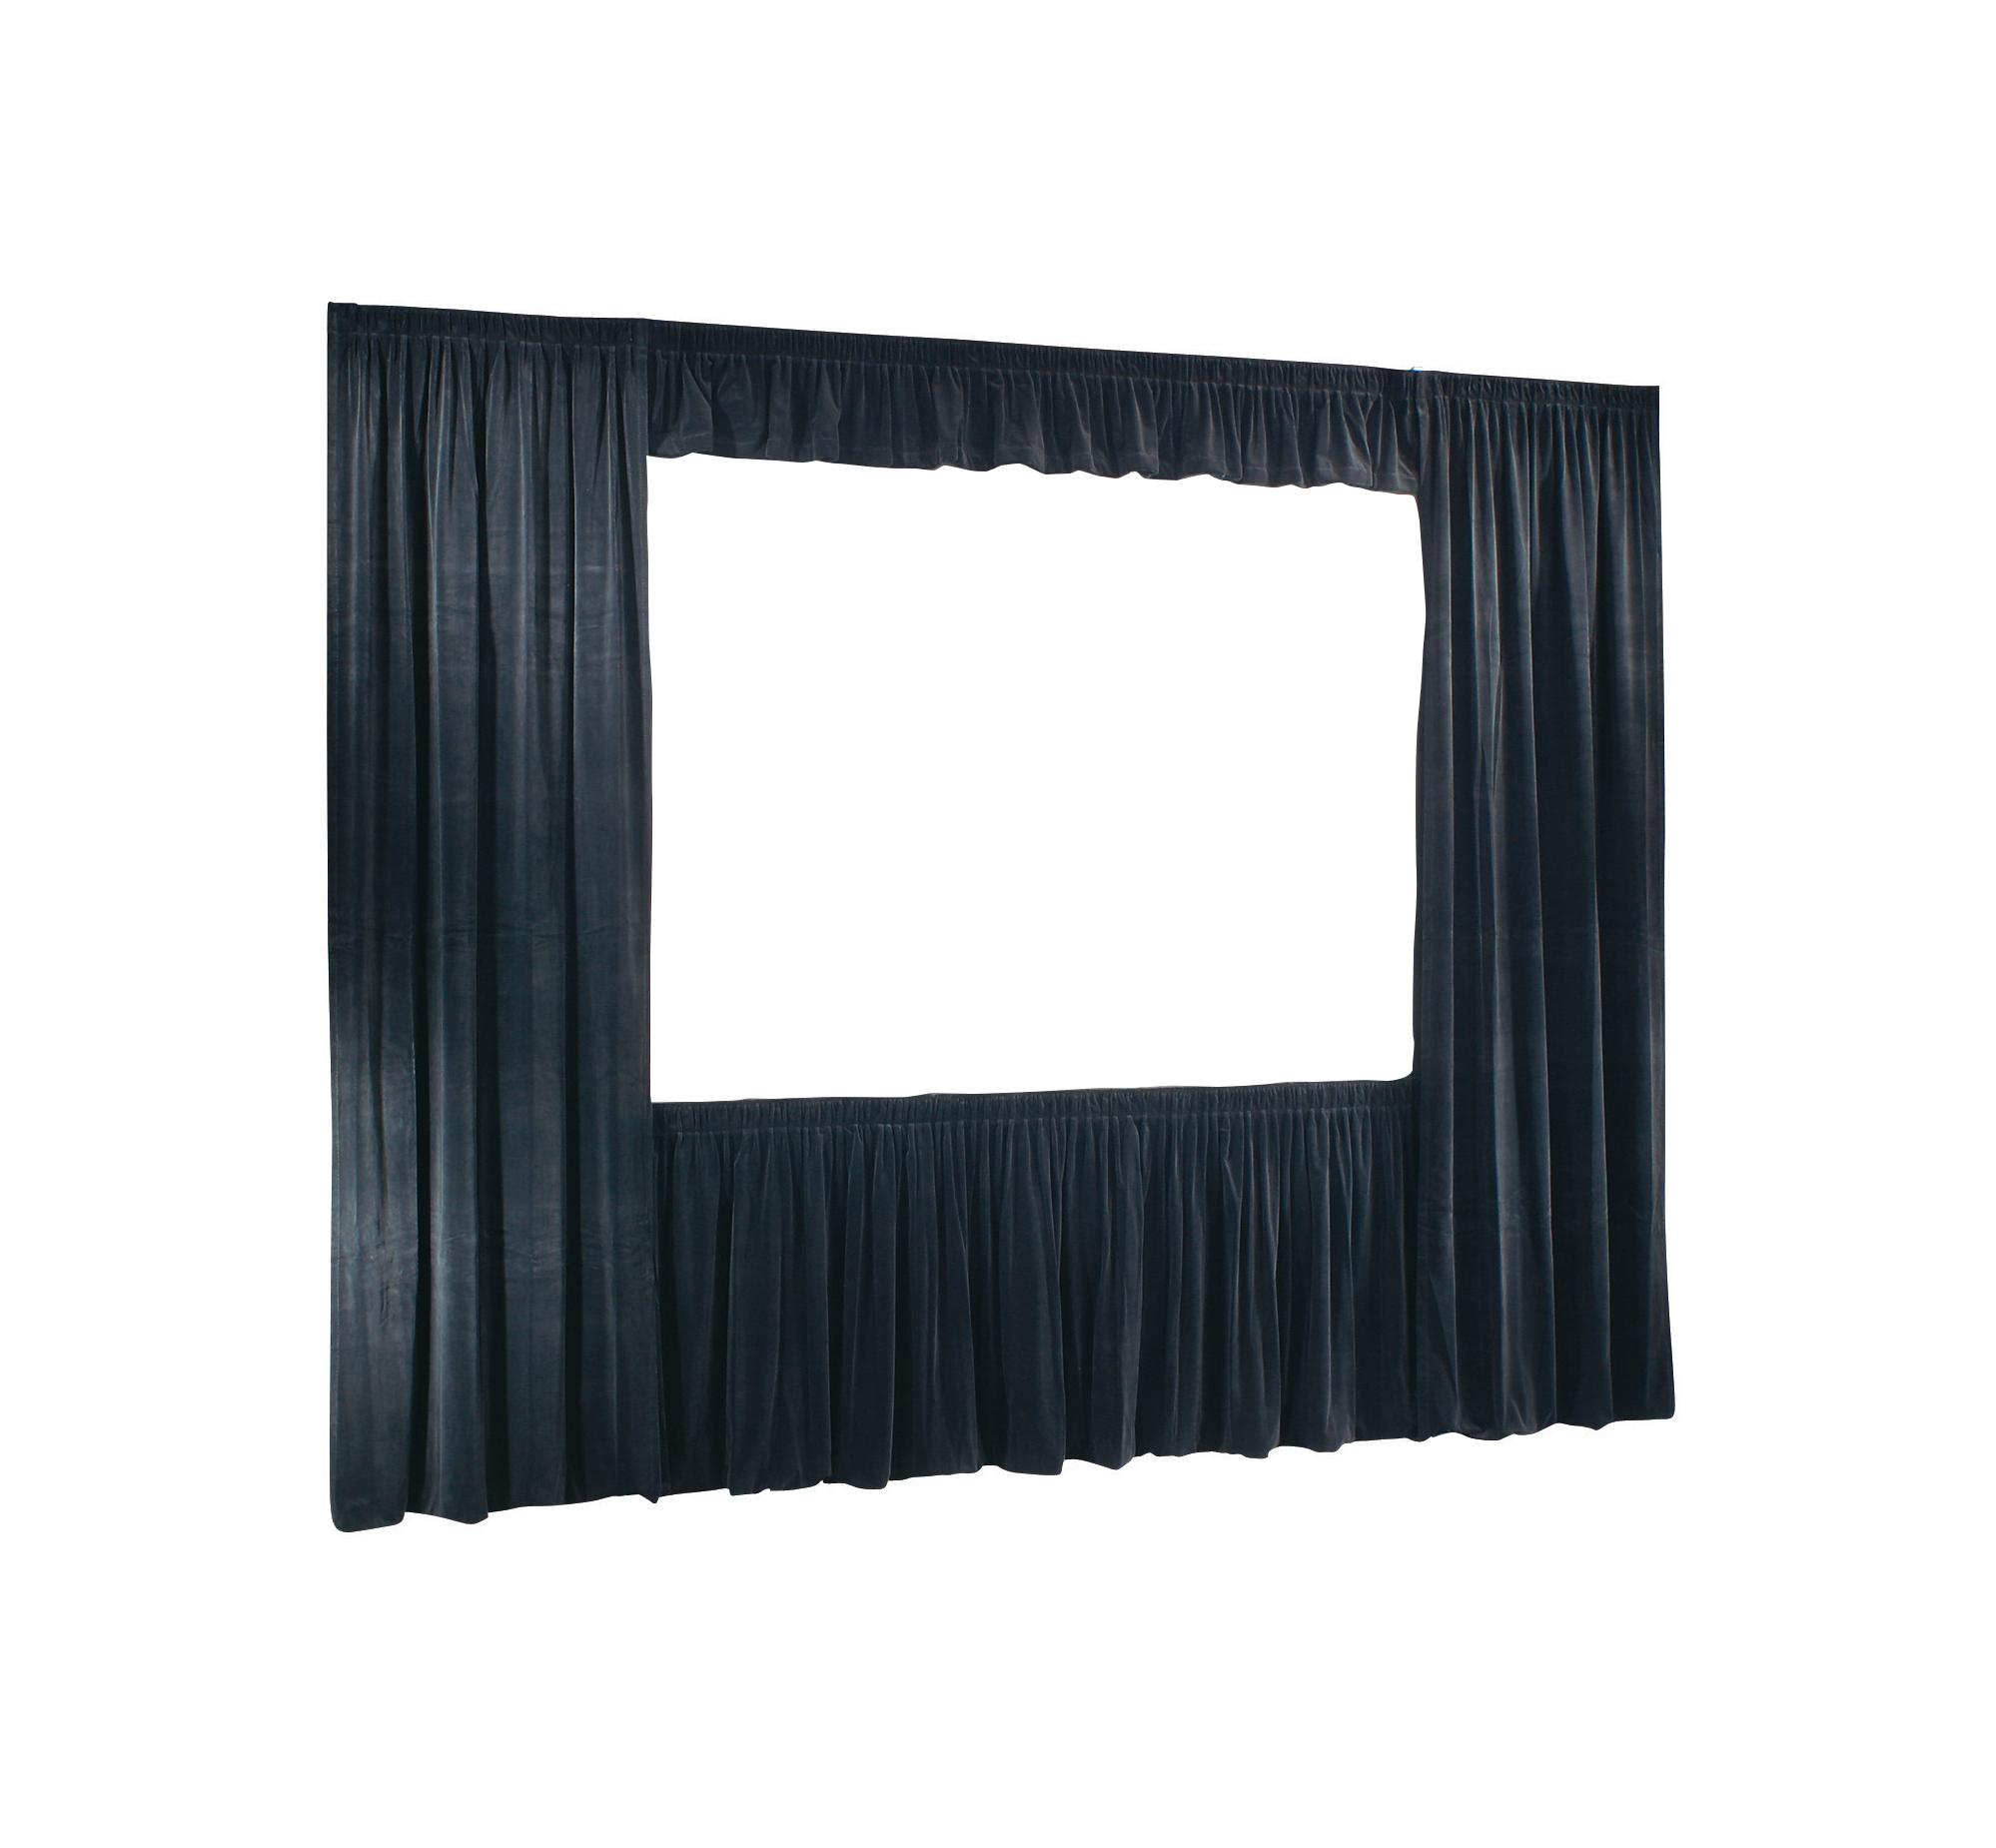 9ft x12ft Cinefold & UFS Velour Drapes Only, in Black